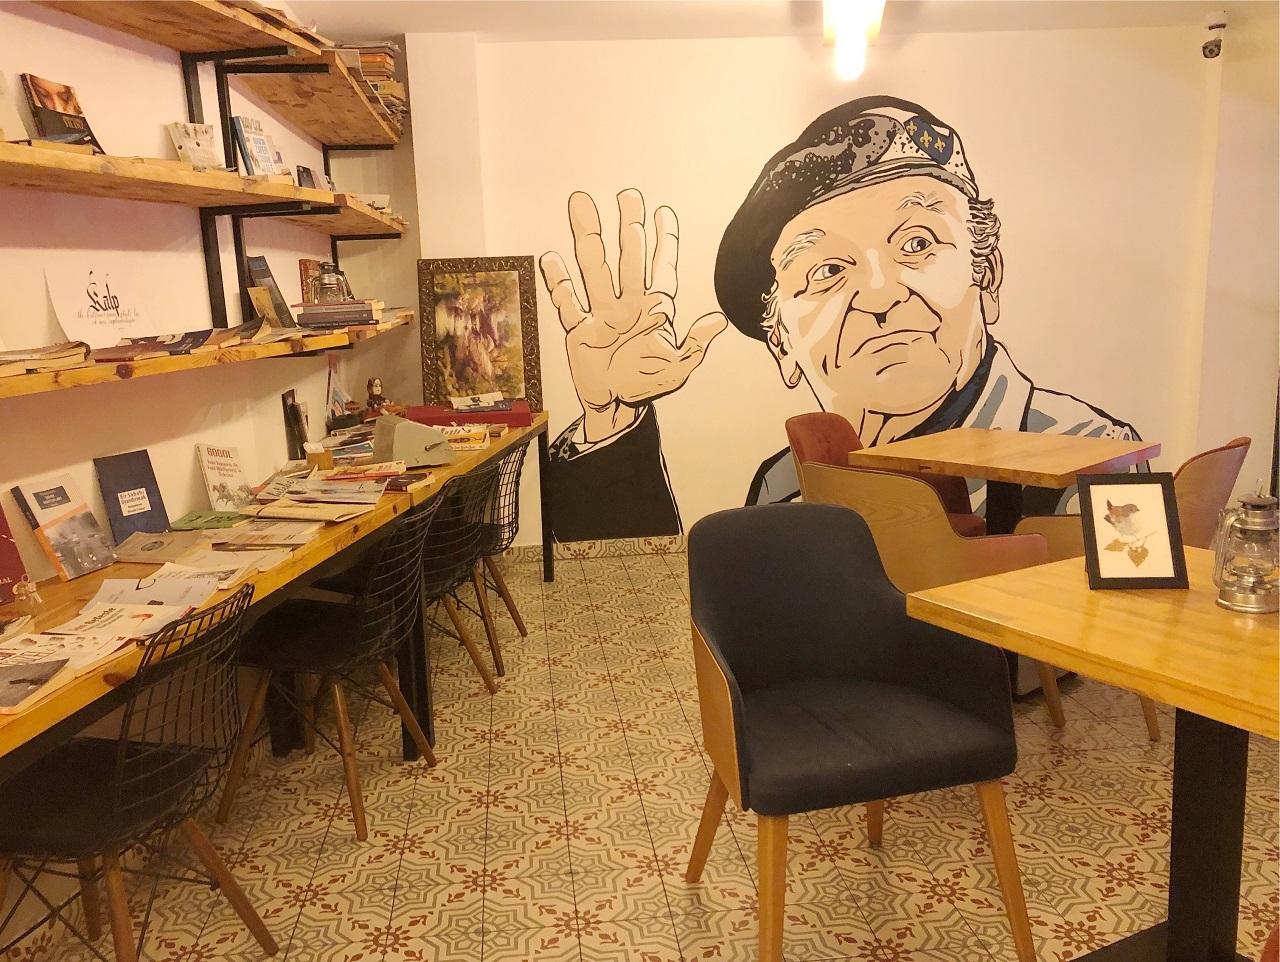 ミム・カフヴェ 店内壁に描かれた絵画